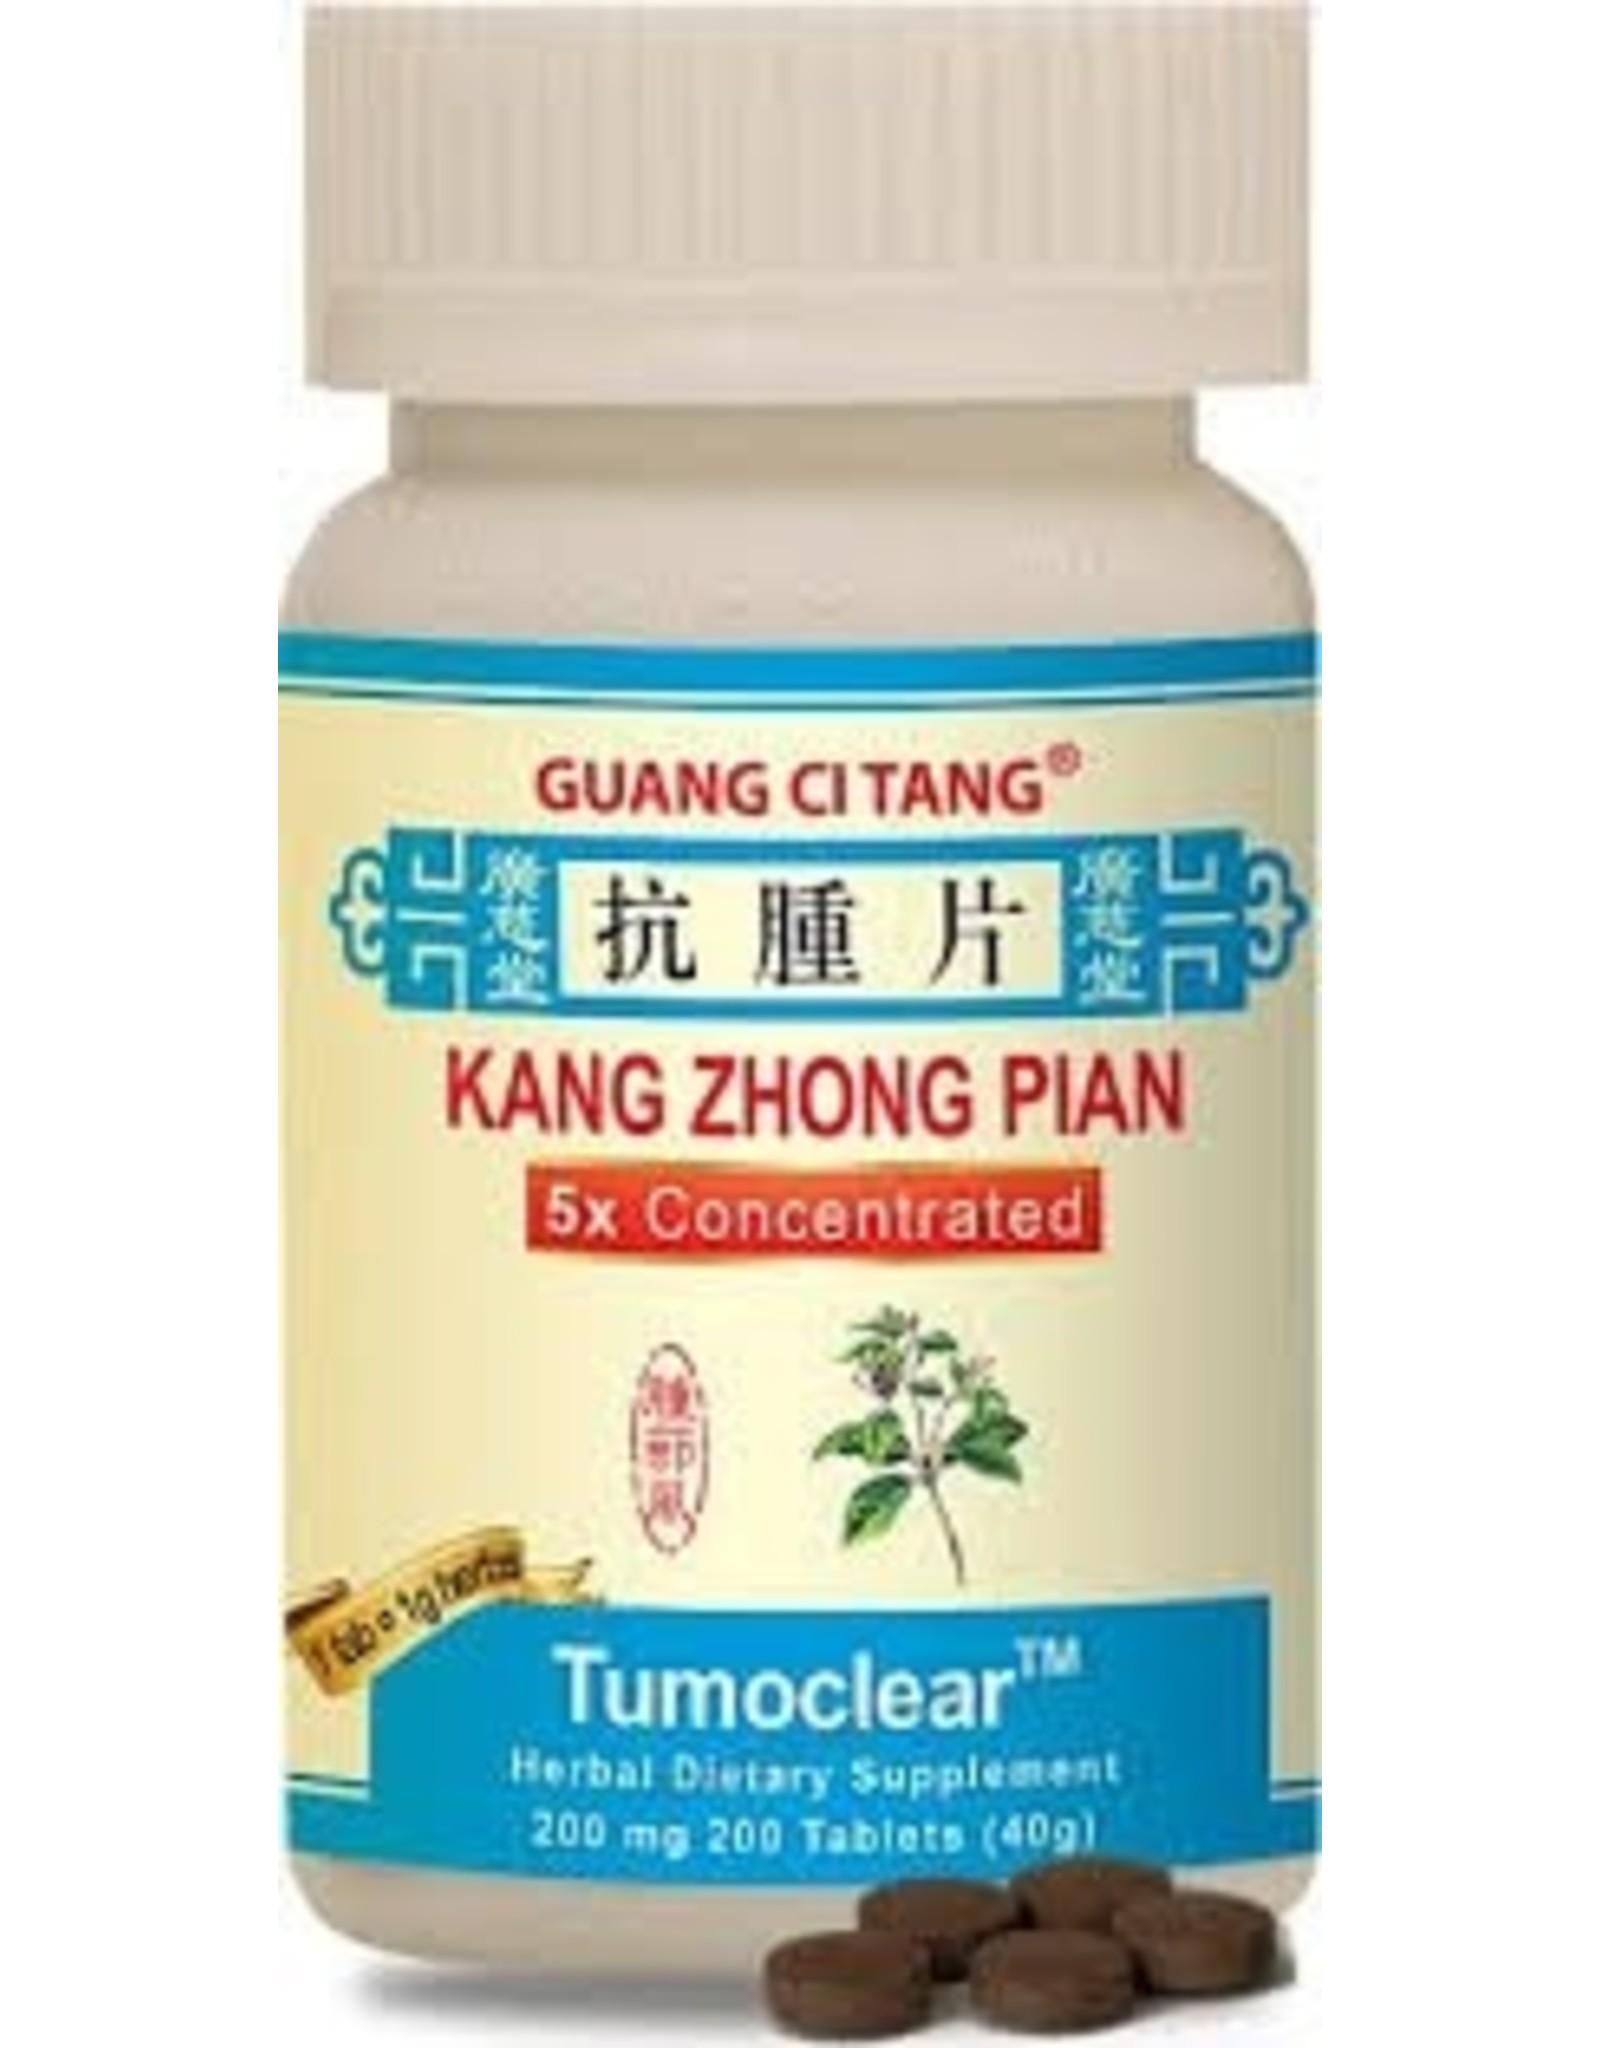 ActiveHerb Kang Zhong Pian - Tumoclear